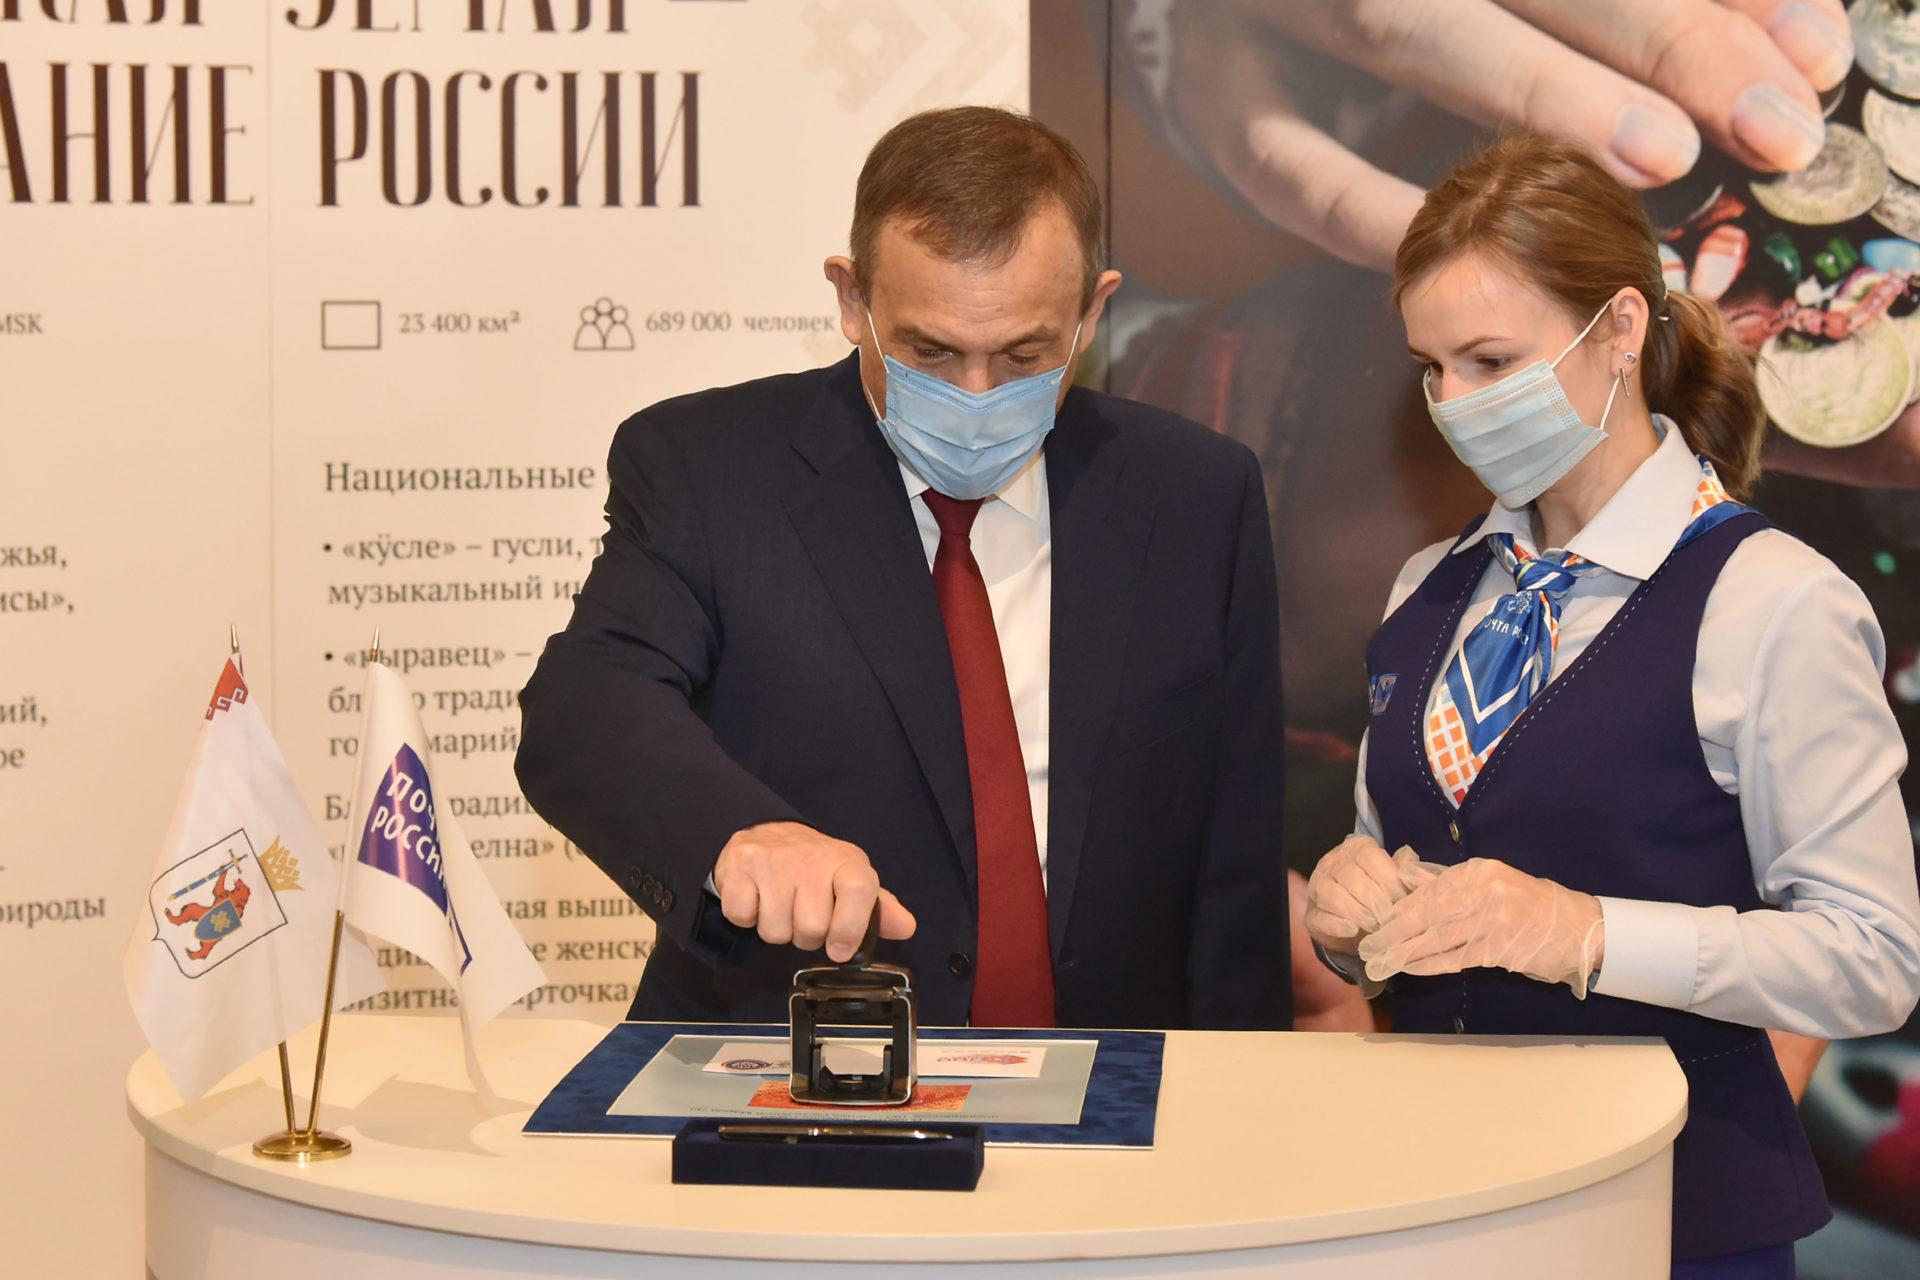 В день празднования 100-летия Марий Эл Александр Евстифеев погасил юбилейную марку